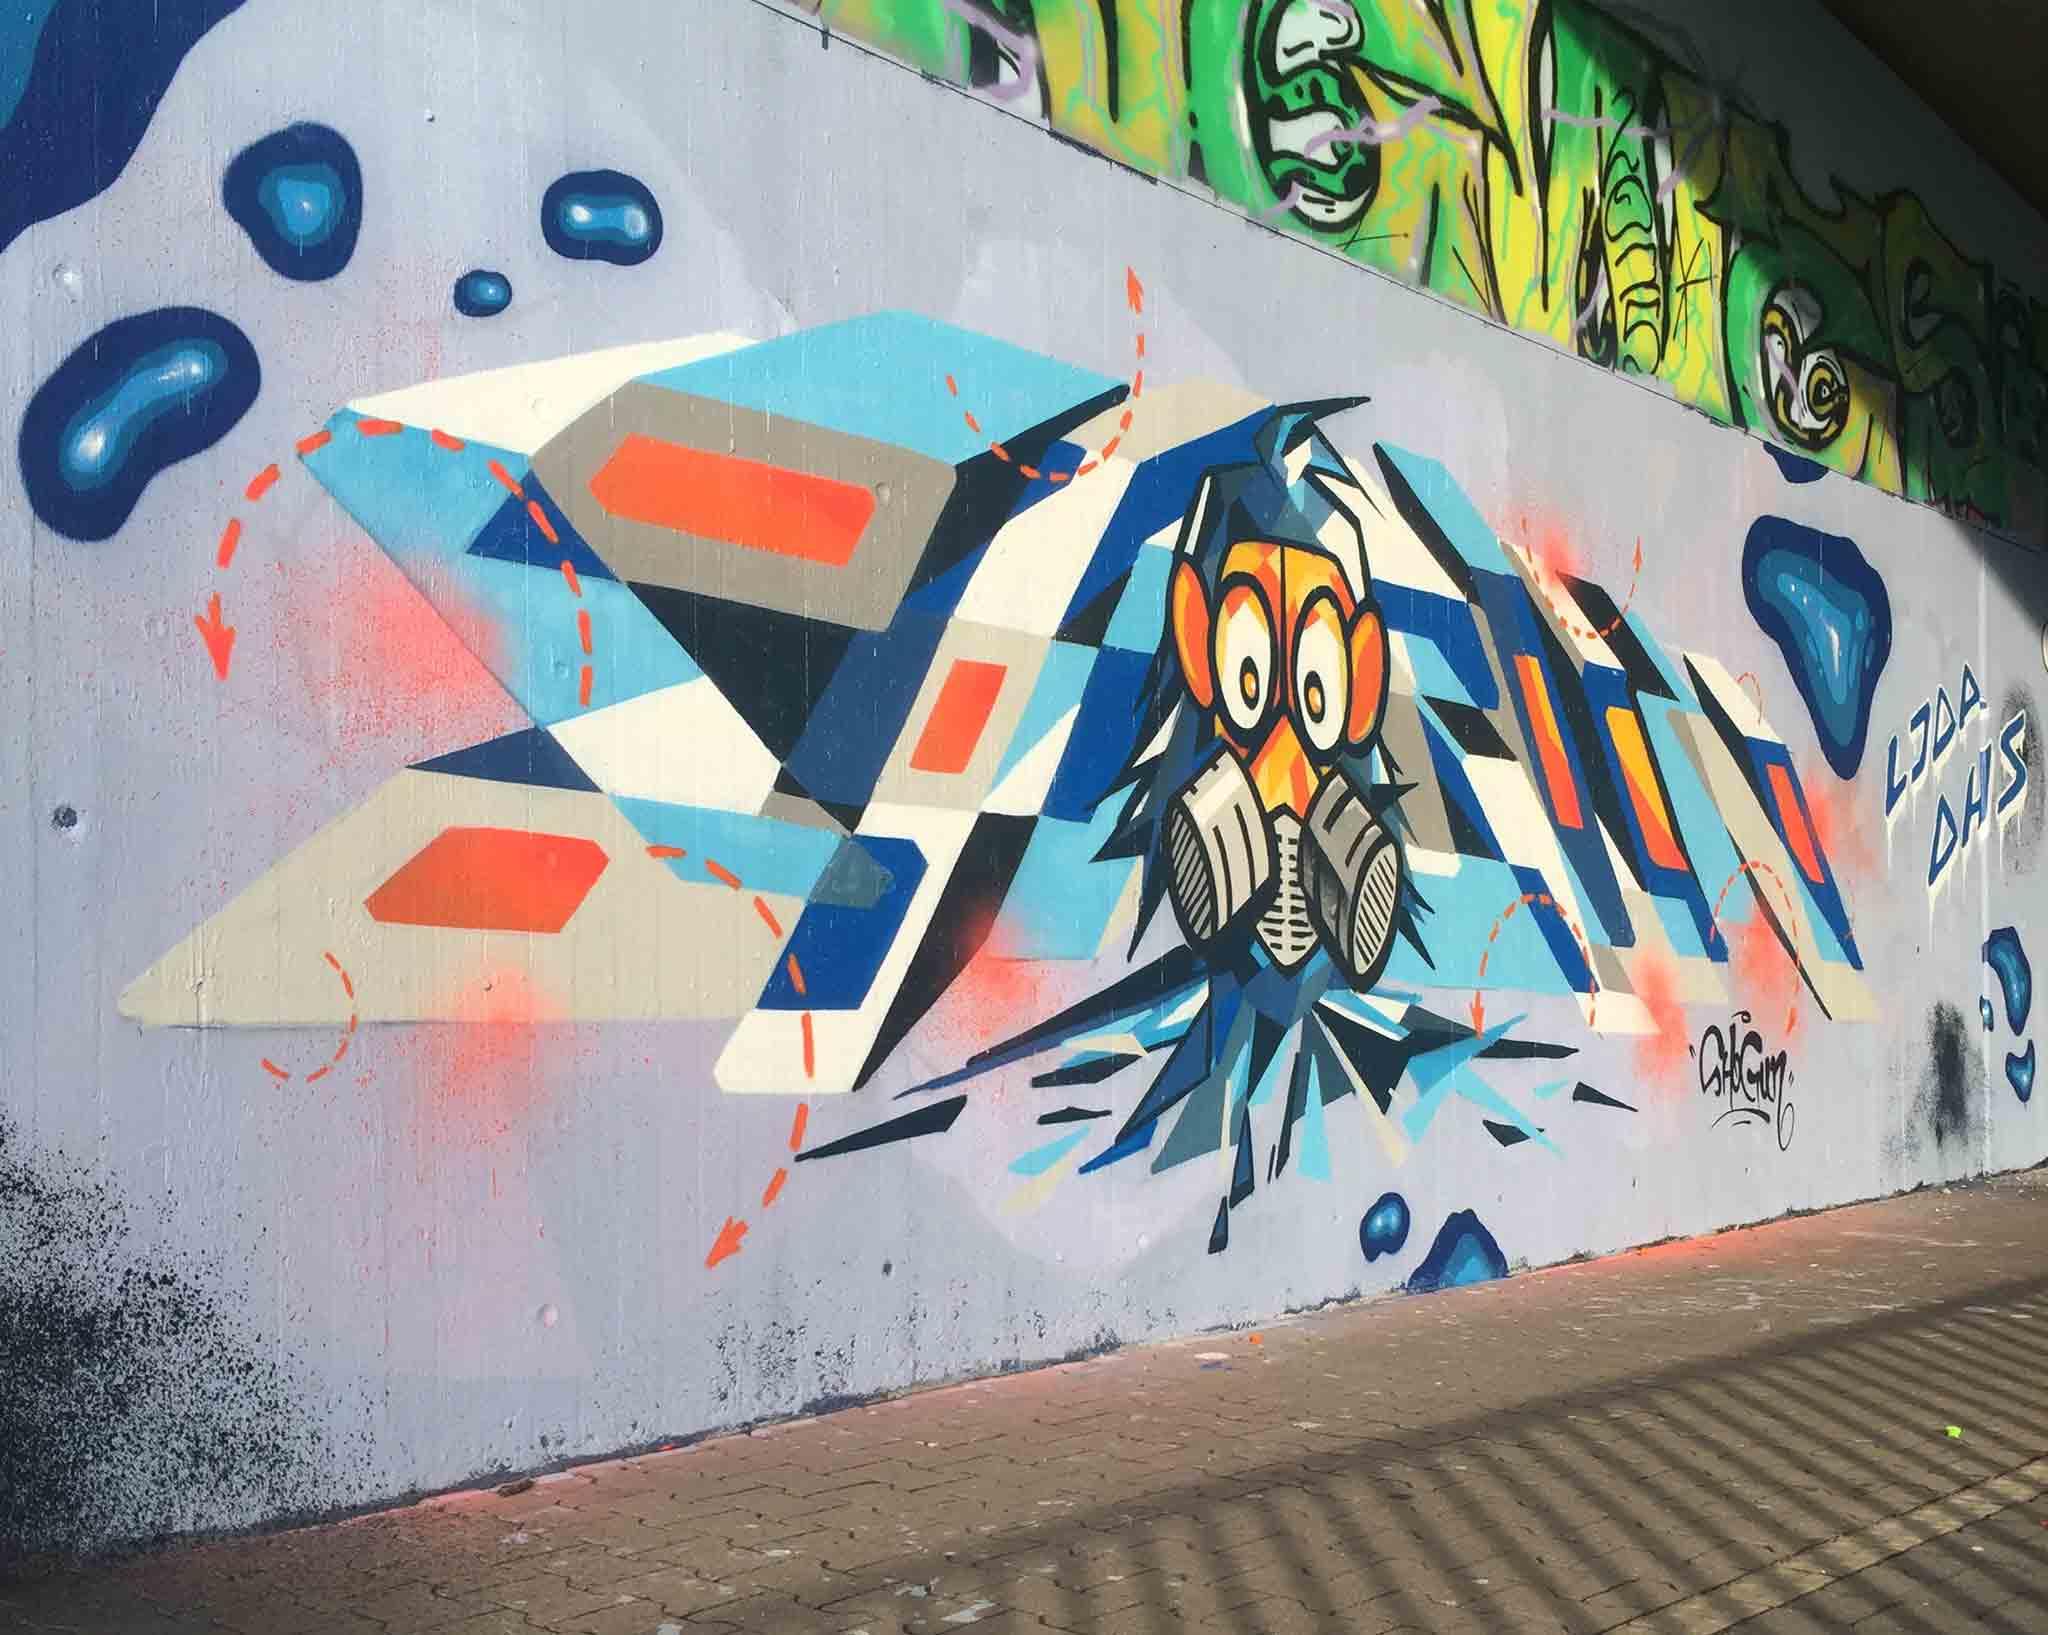 shogun_graffiti_eller_secondwall_4